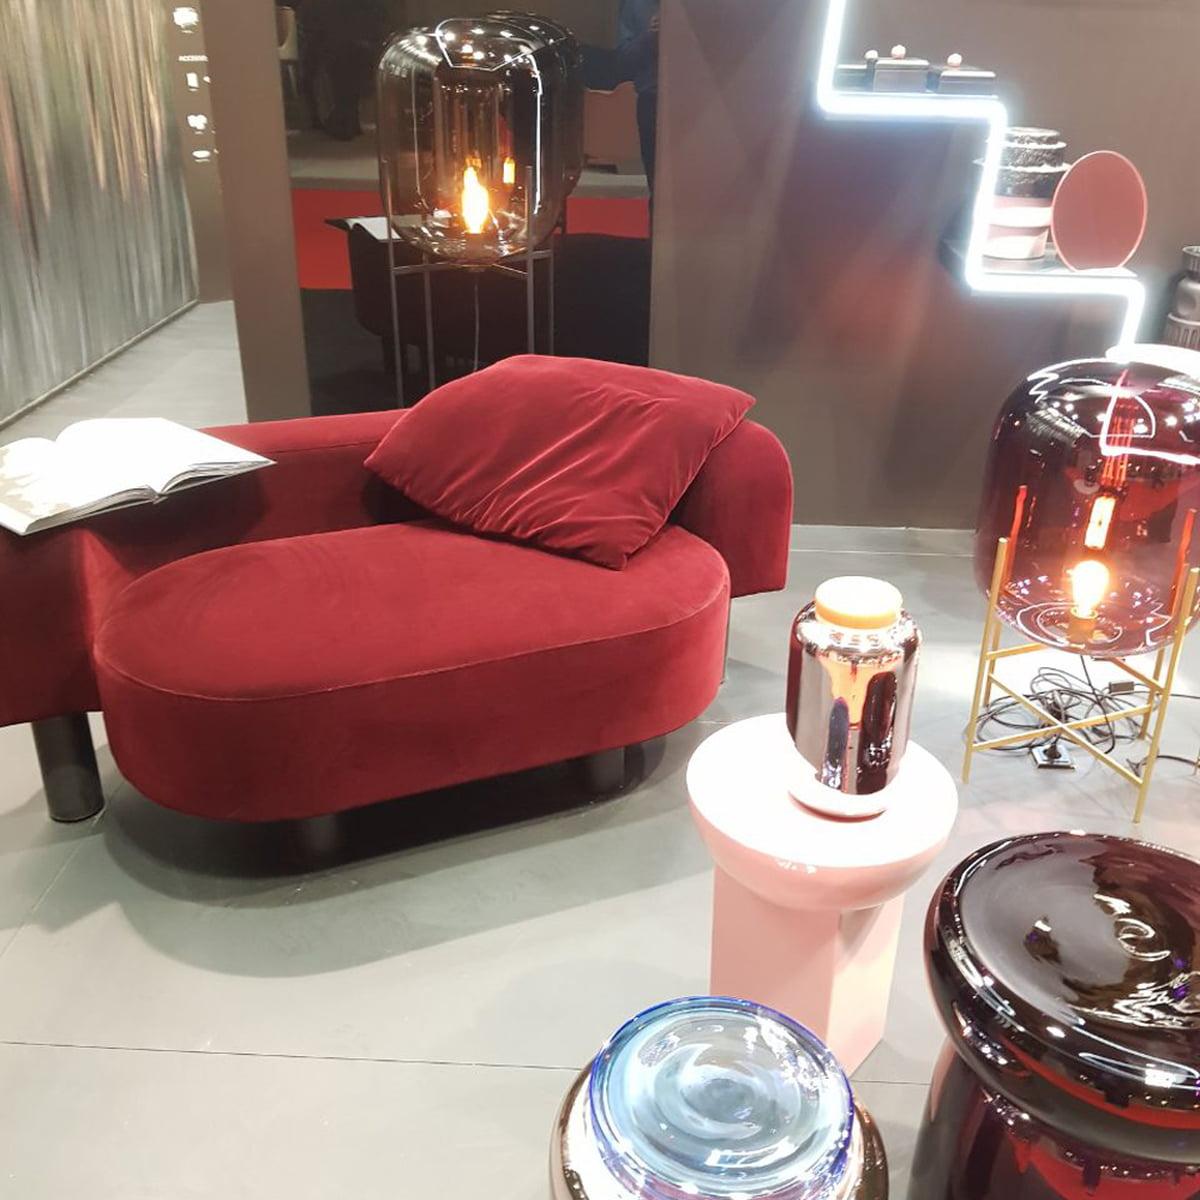 Oda leuchte von pulpo im wohndesign shop for Wohndesign shop